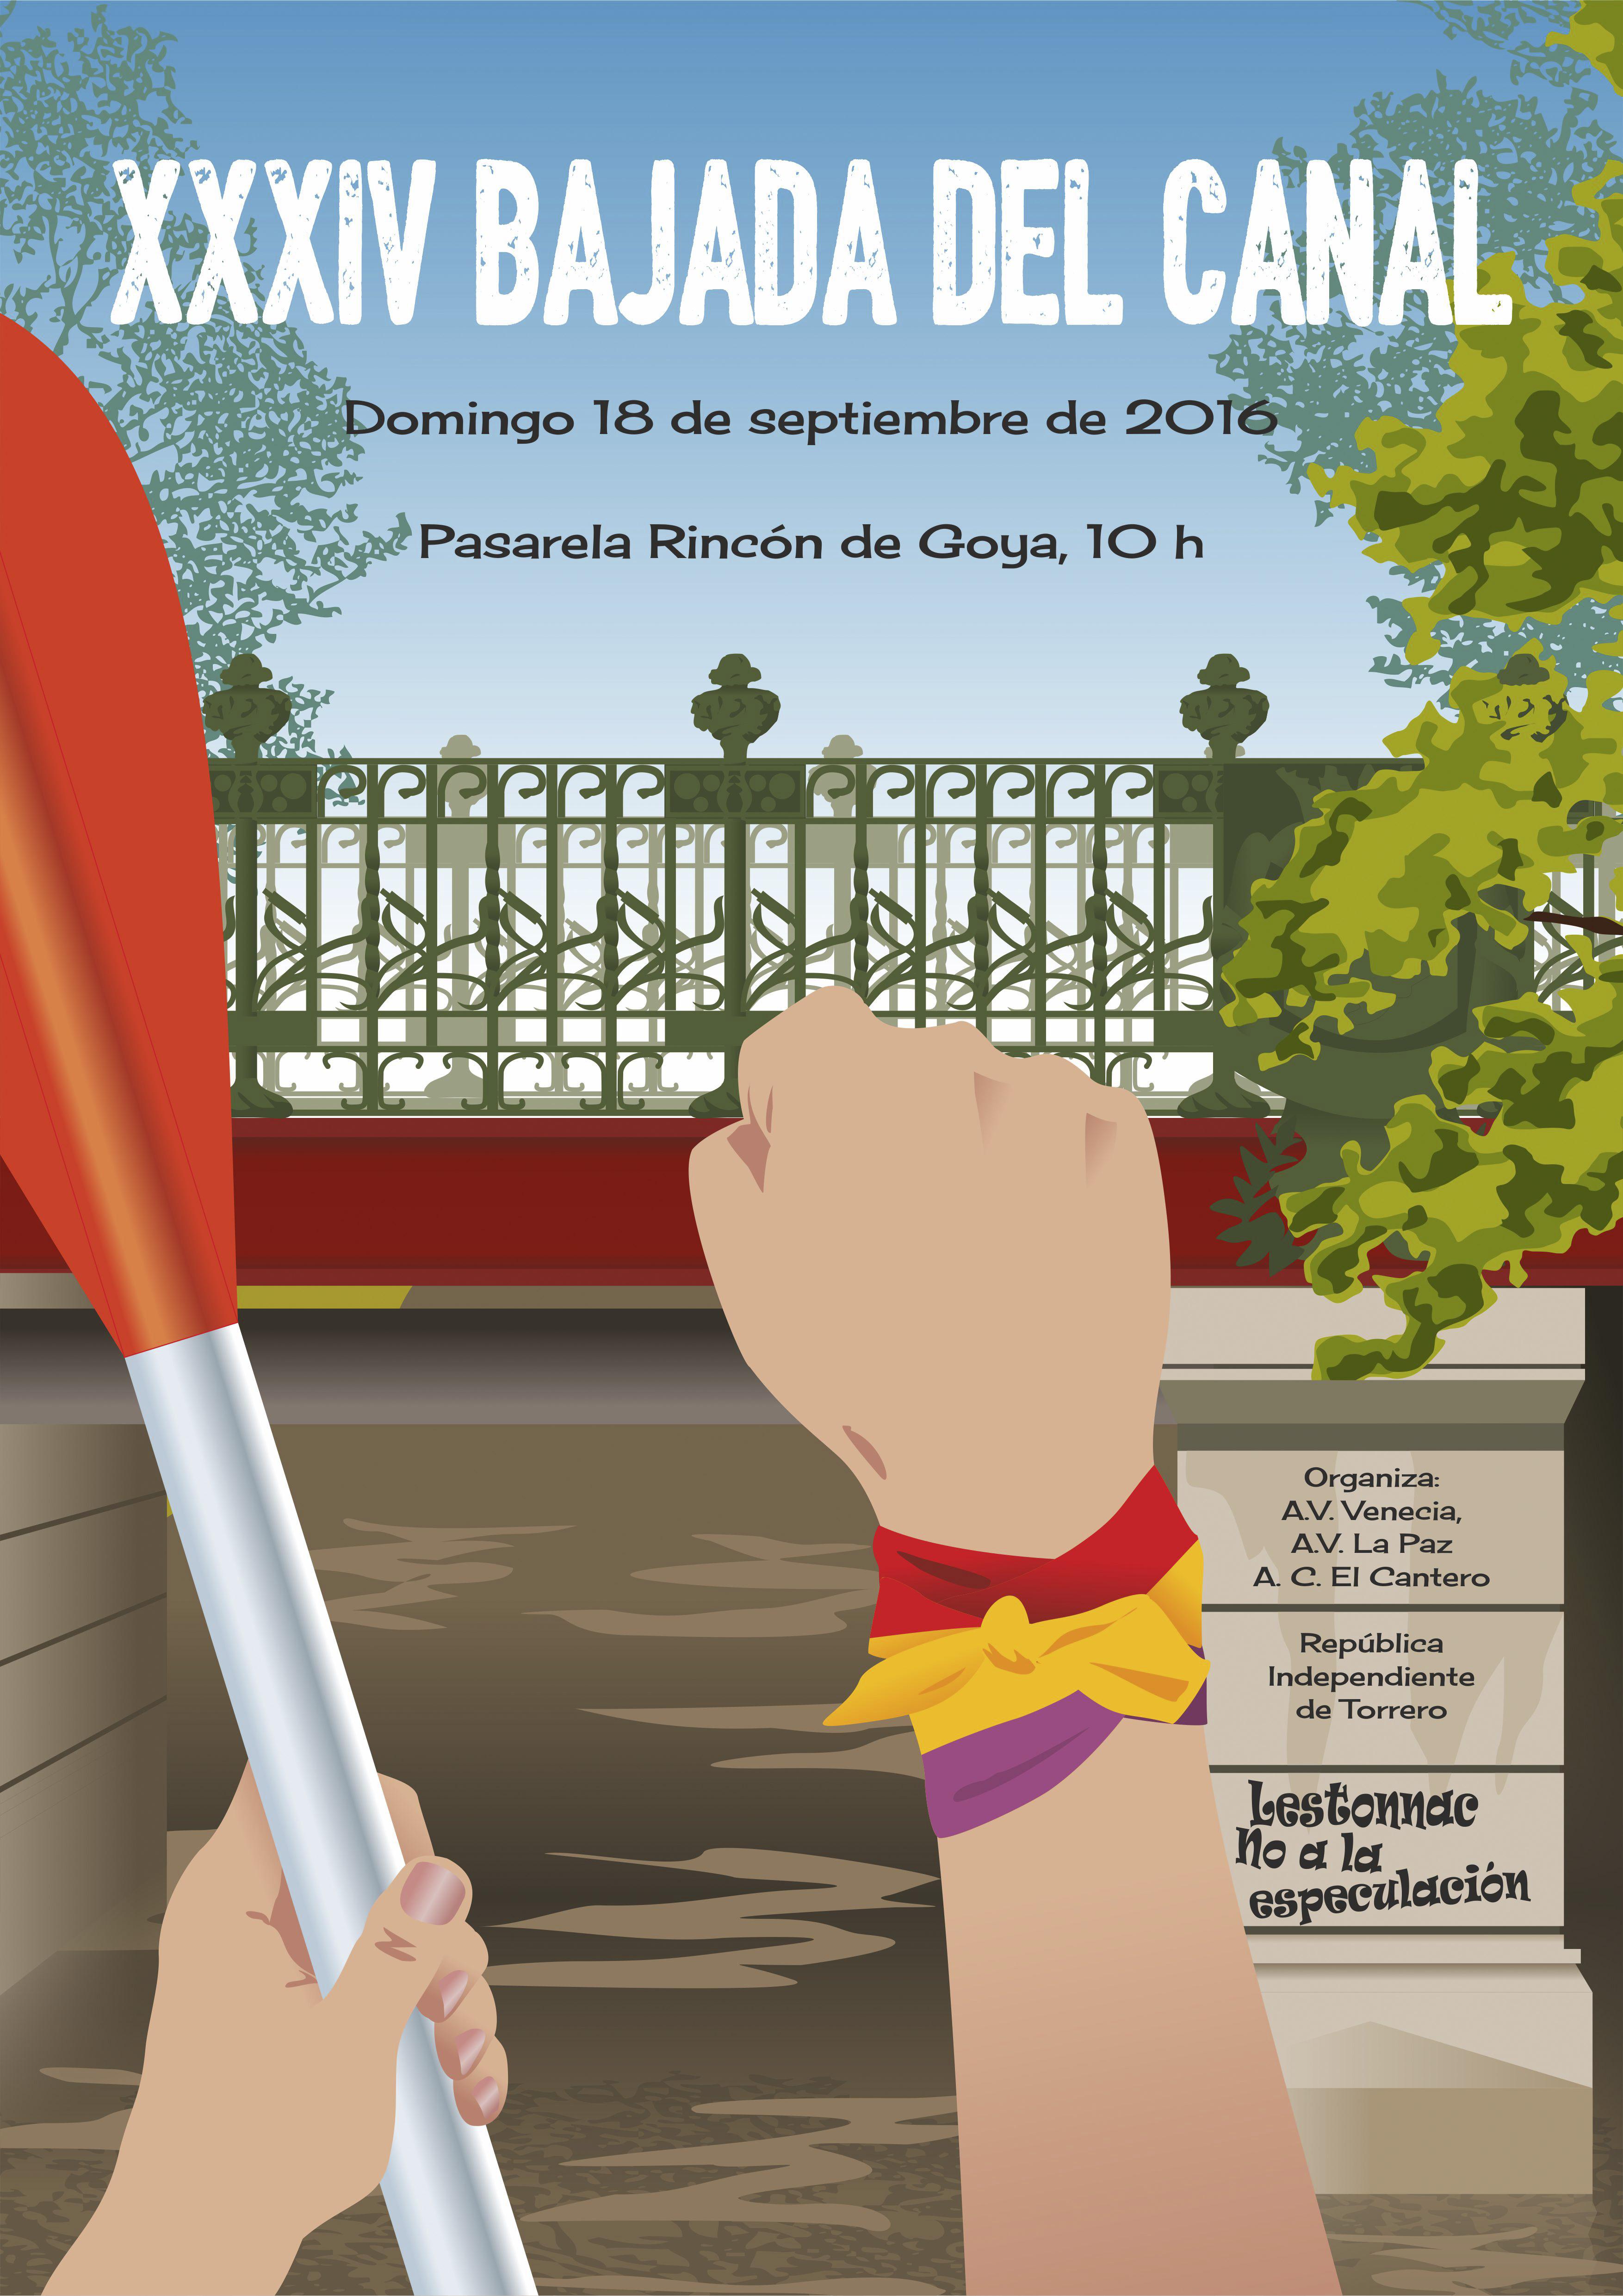 SEMANA CULTURAL, BAJADA DEL CANAL DEL 10 AL 17 DE SEPTIEMBRE DE 2016